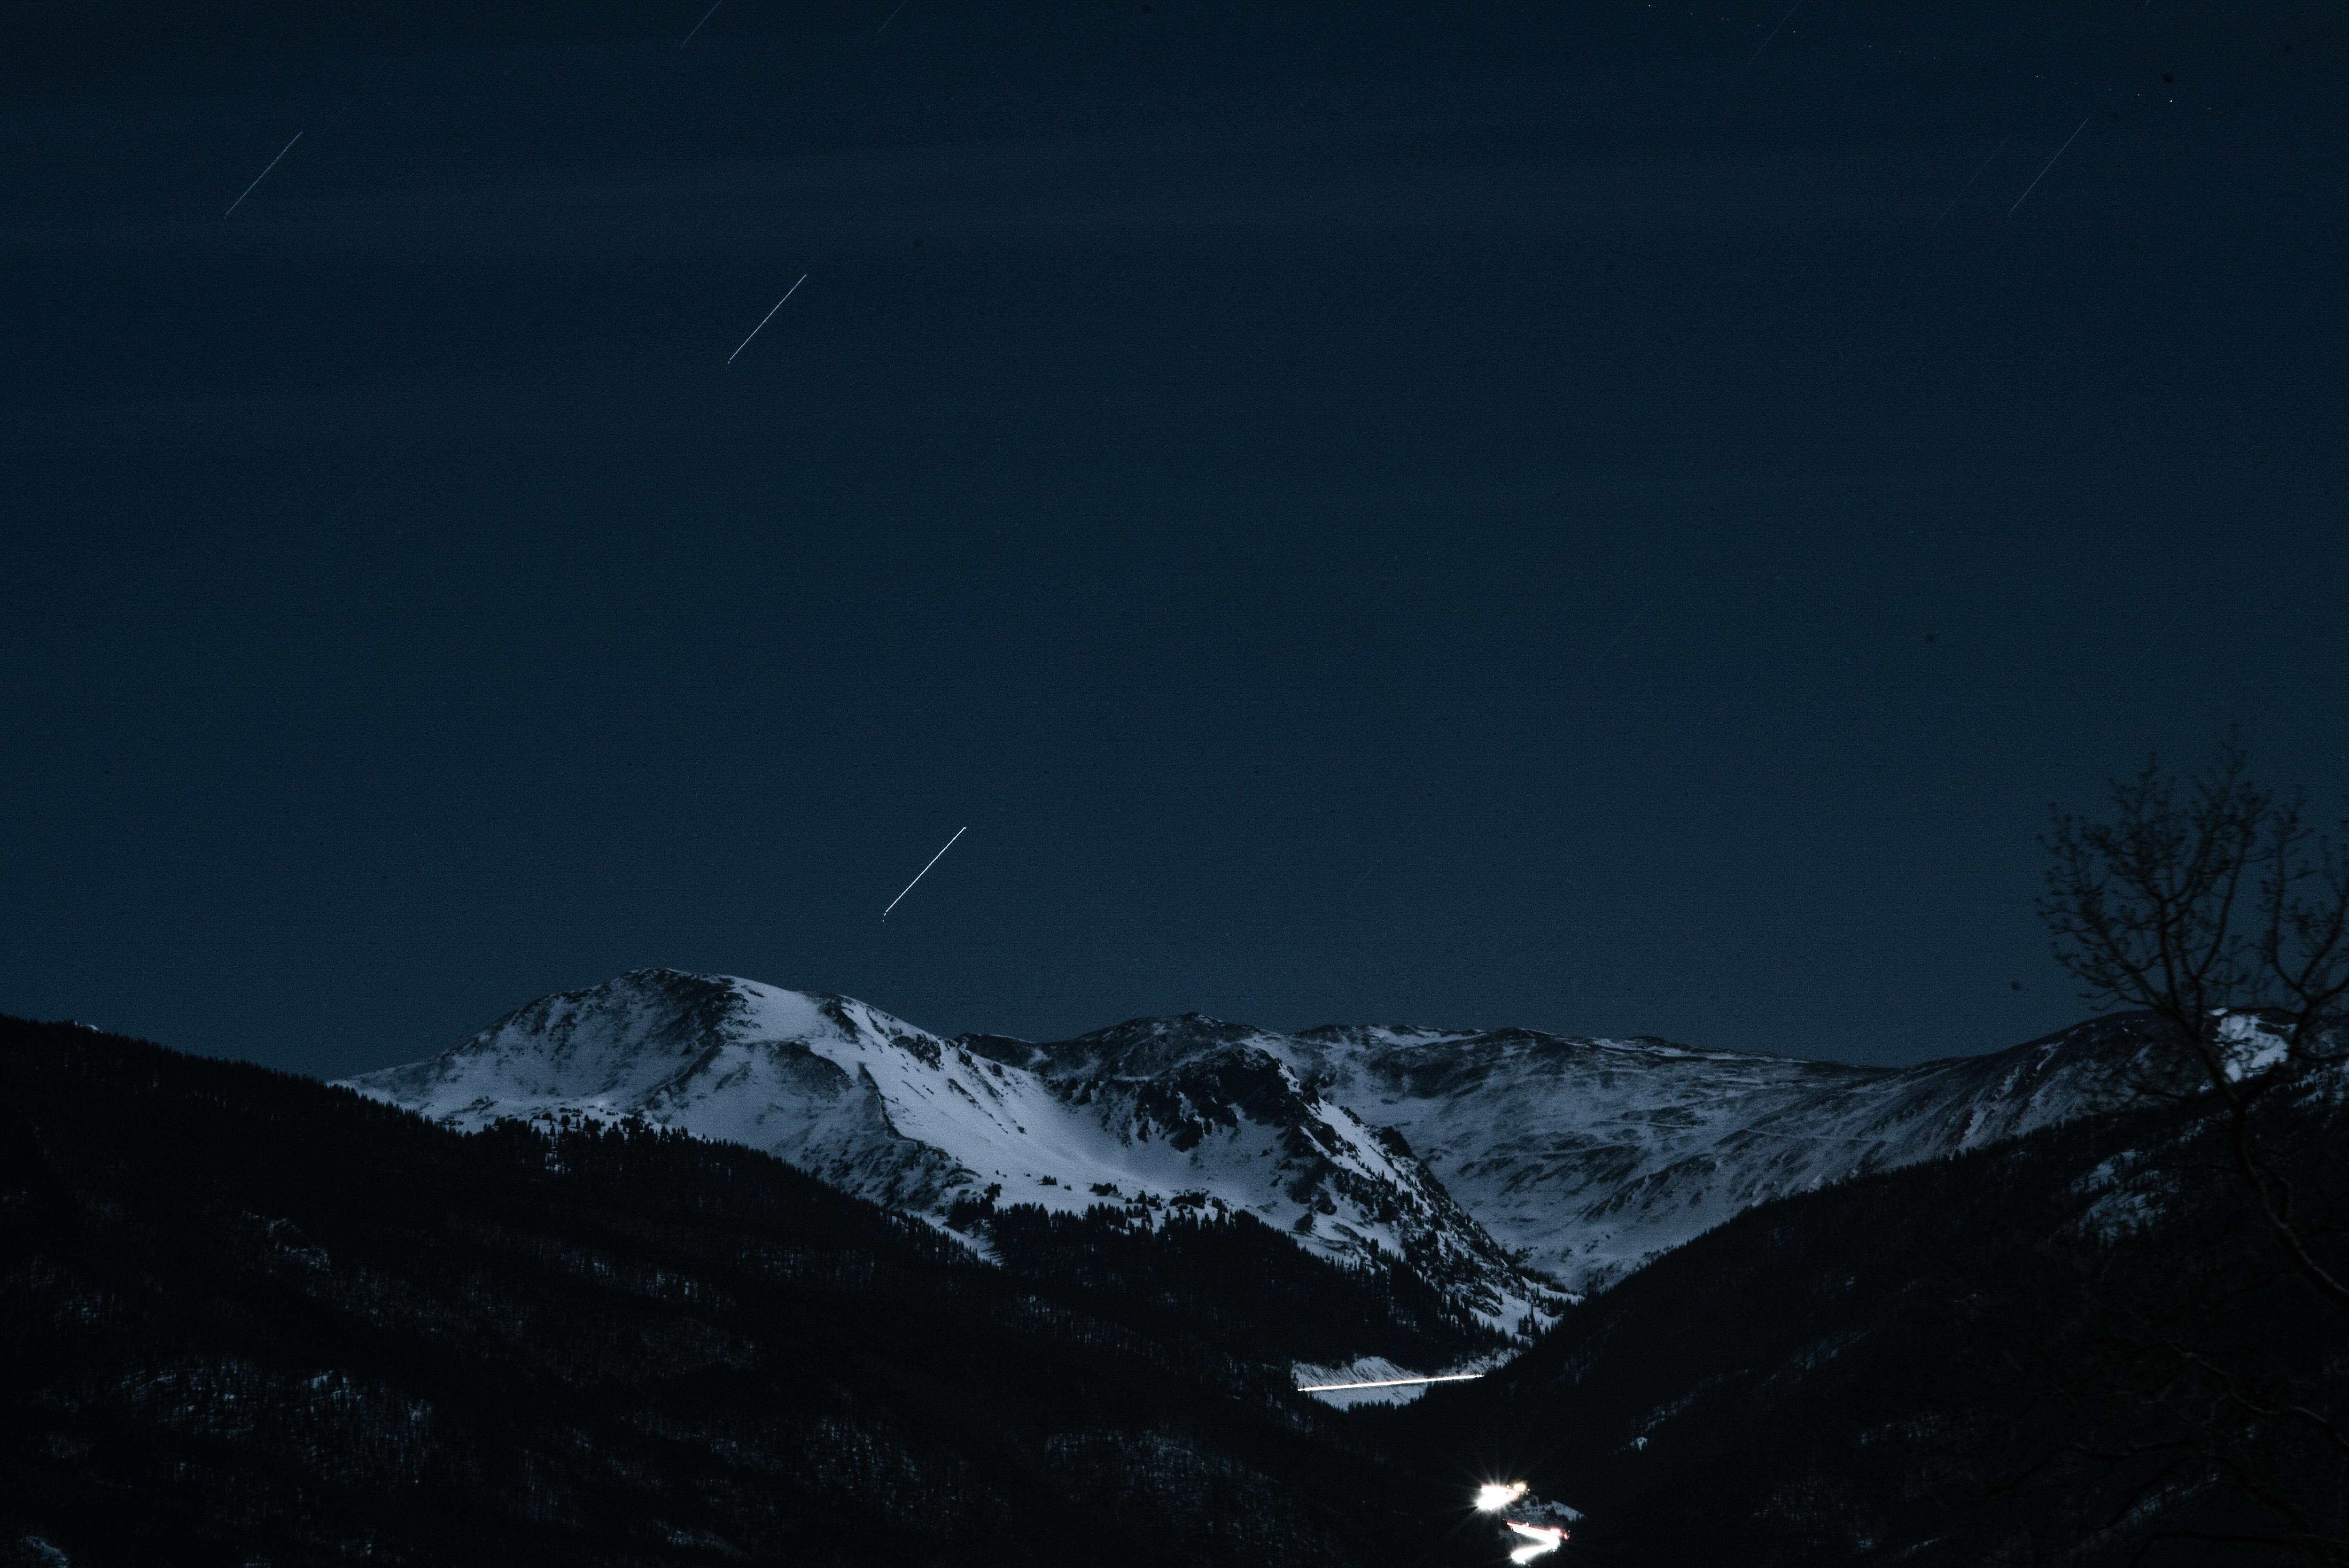 Descargar 2560x1440 Cielo Claro Sobre Las Montañas Nevadas: Fondos De Pantalla : 5000x3338 Px, Oscuro, Paisaje, Larga